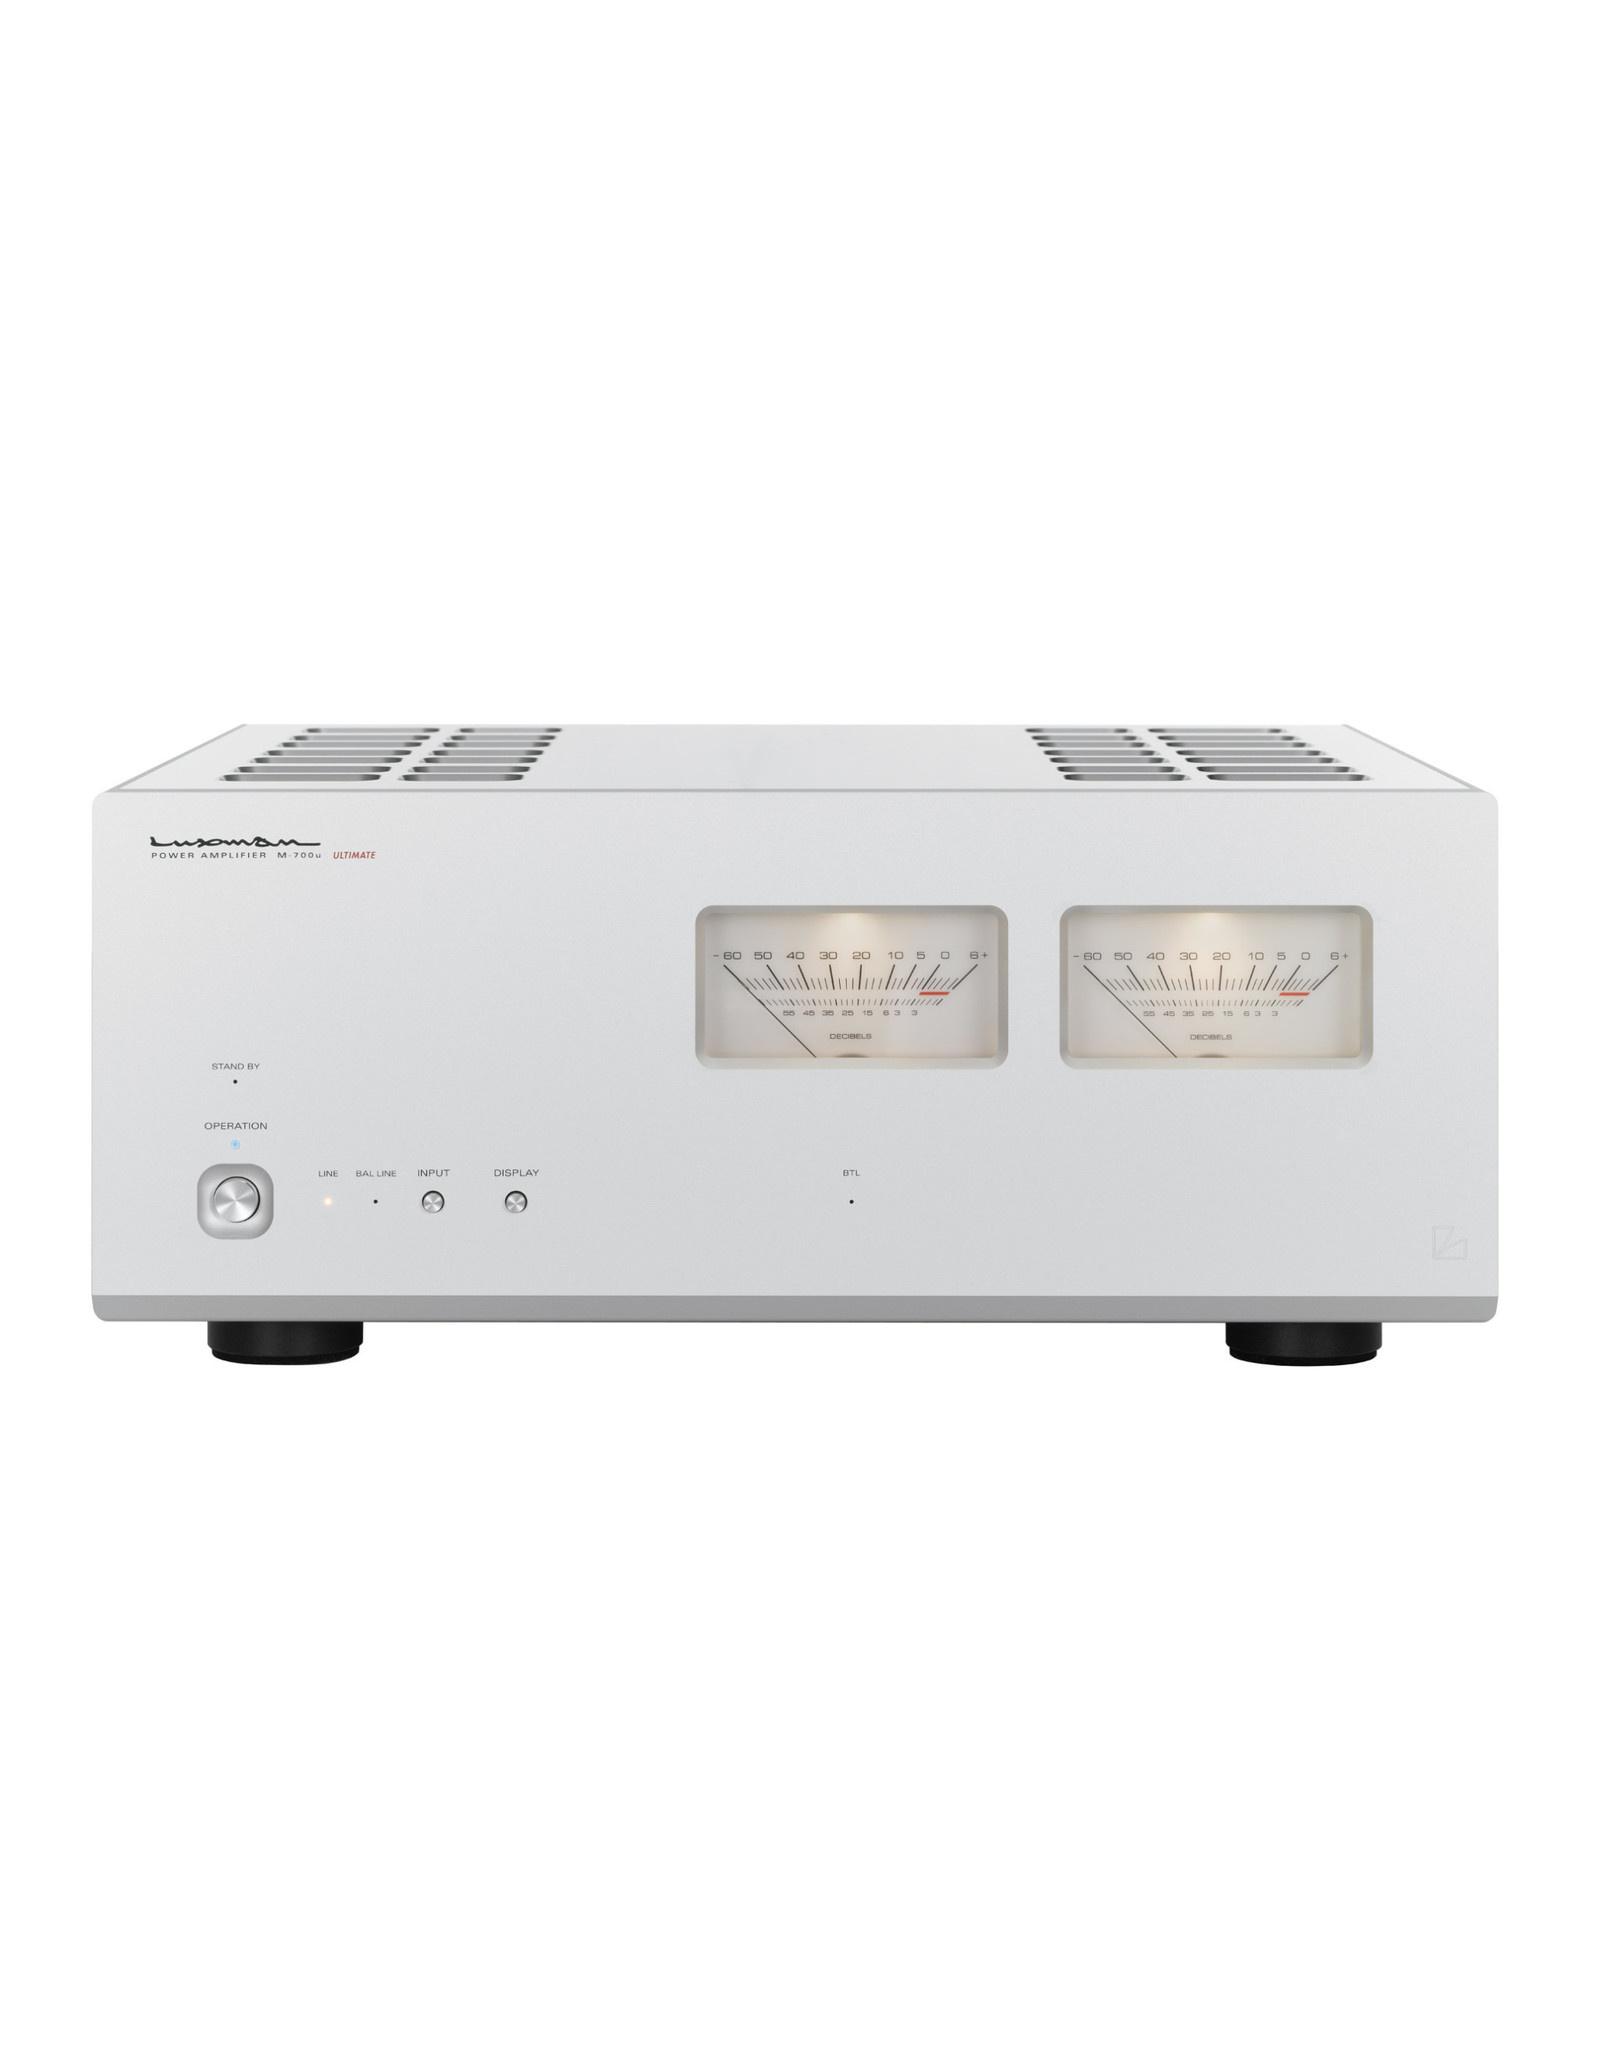 Luxman Stereo Power Amplifier M-700u